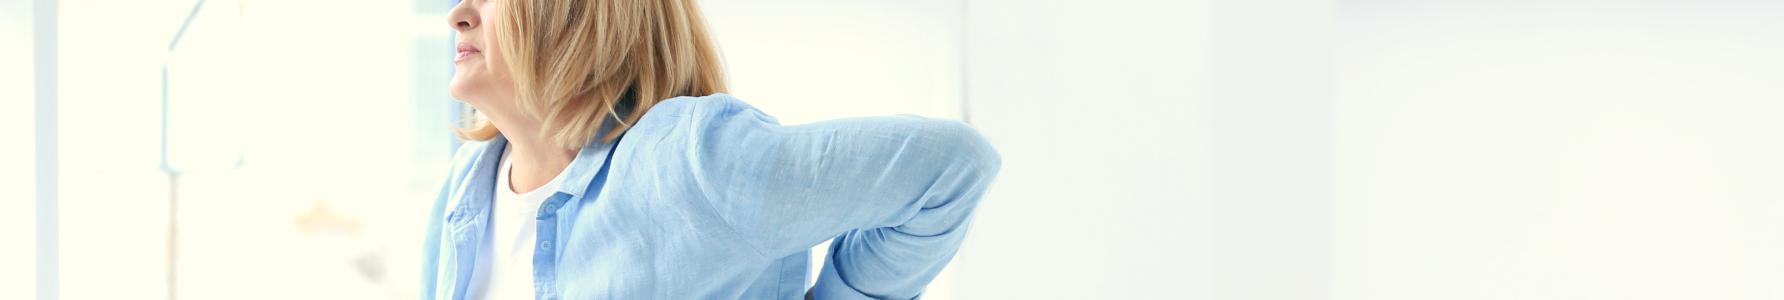 ZZSK - wstająca z kanapy kobieta trzymająca się za bolący kręgosłup.